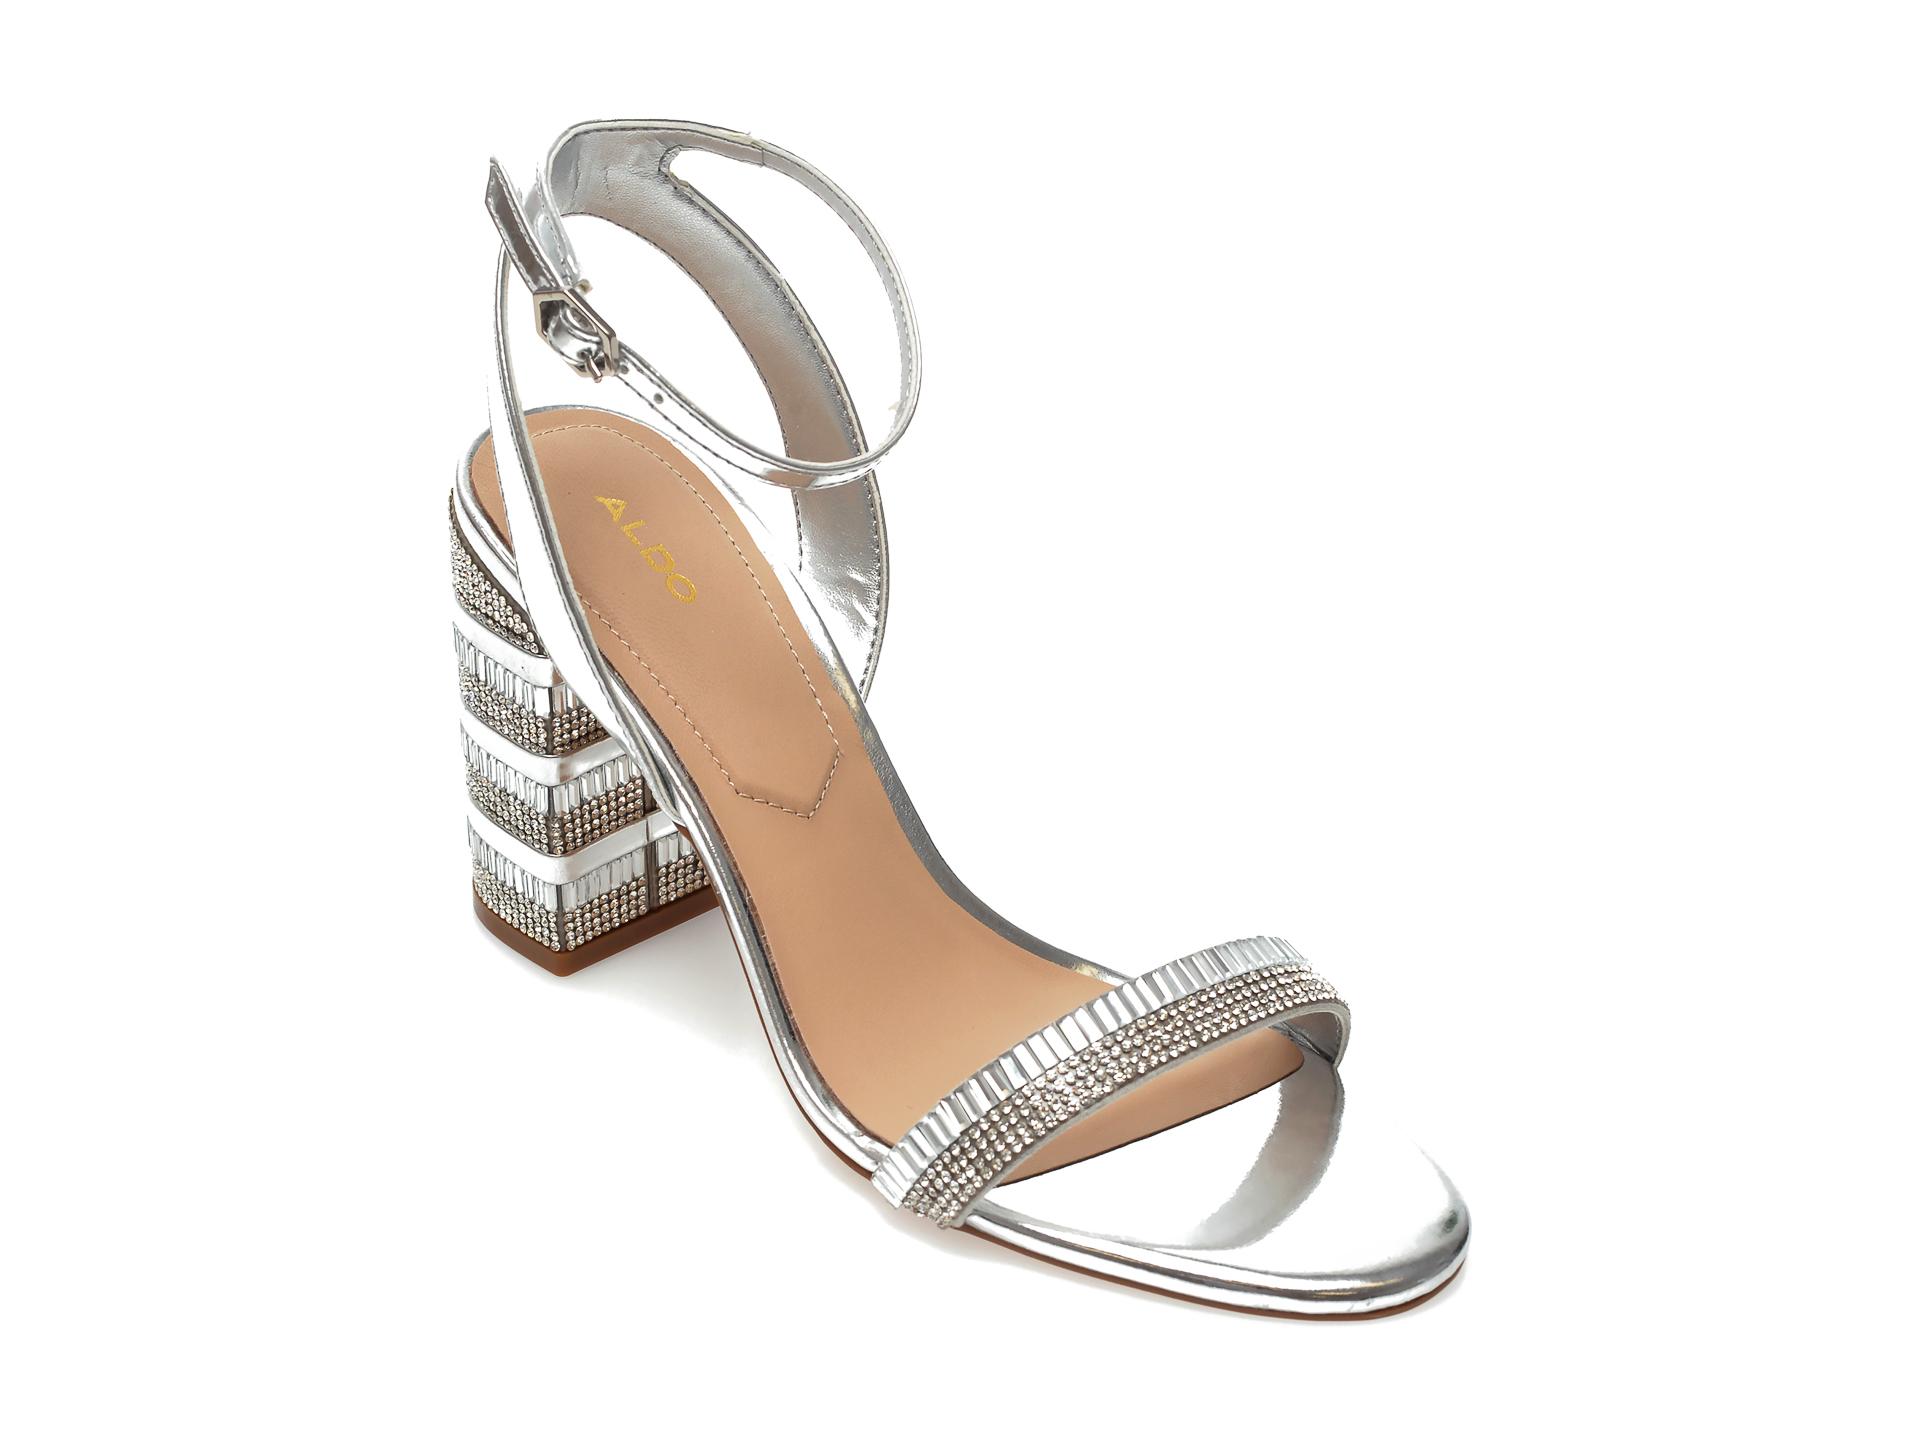 Sandale ALDO argintii, Alhamra040, din piele ecologica New